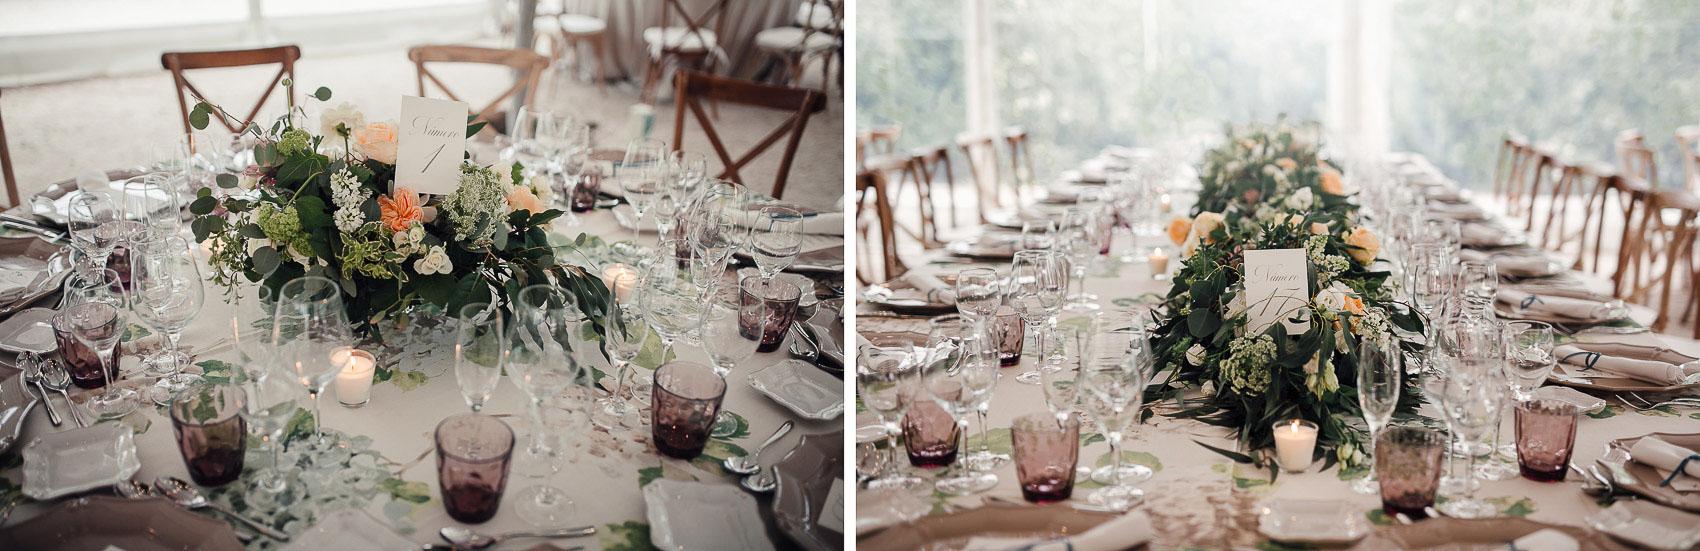 decoracion parque mesas flores detalle valisse